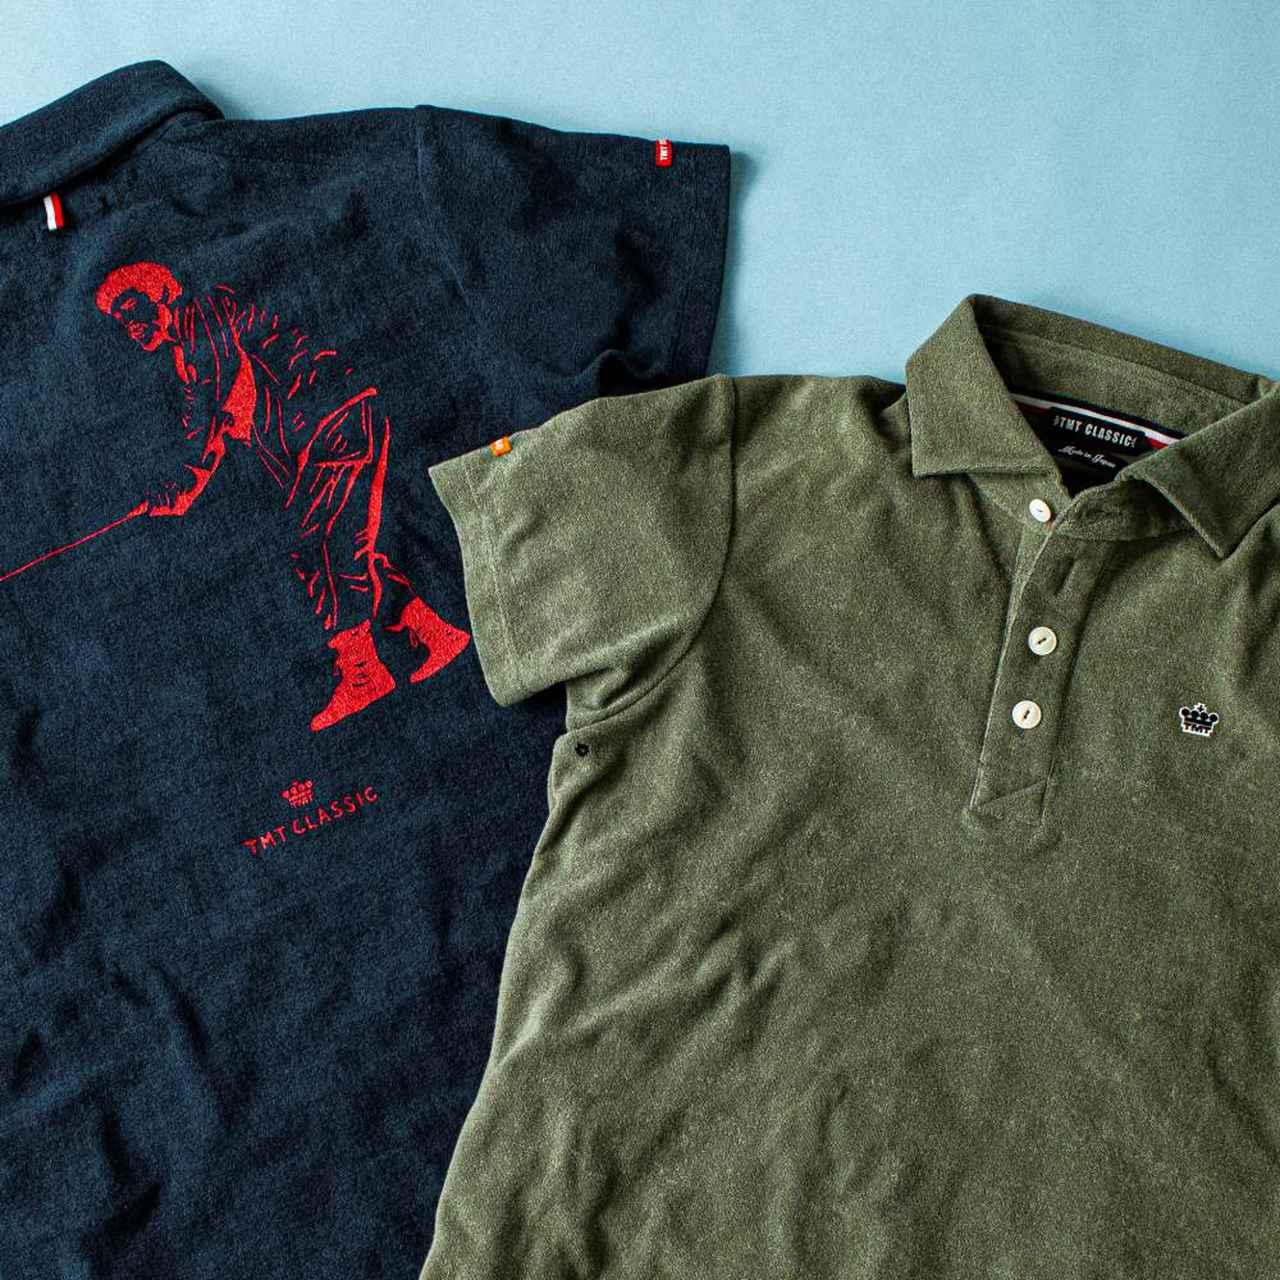 画像: 【インパクト抜群】ゲバラ パイルポロシャツ-ゴルフダイジェスト公式通販サイト「ゴルフポケット」